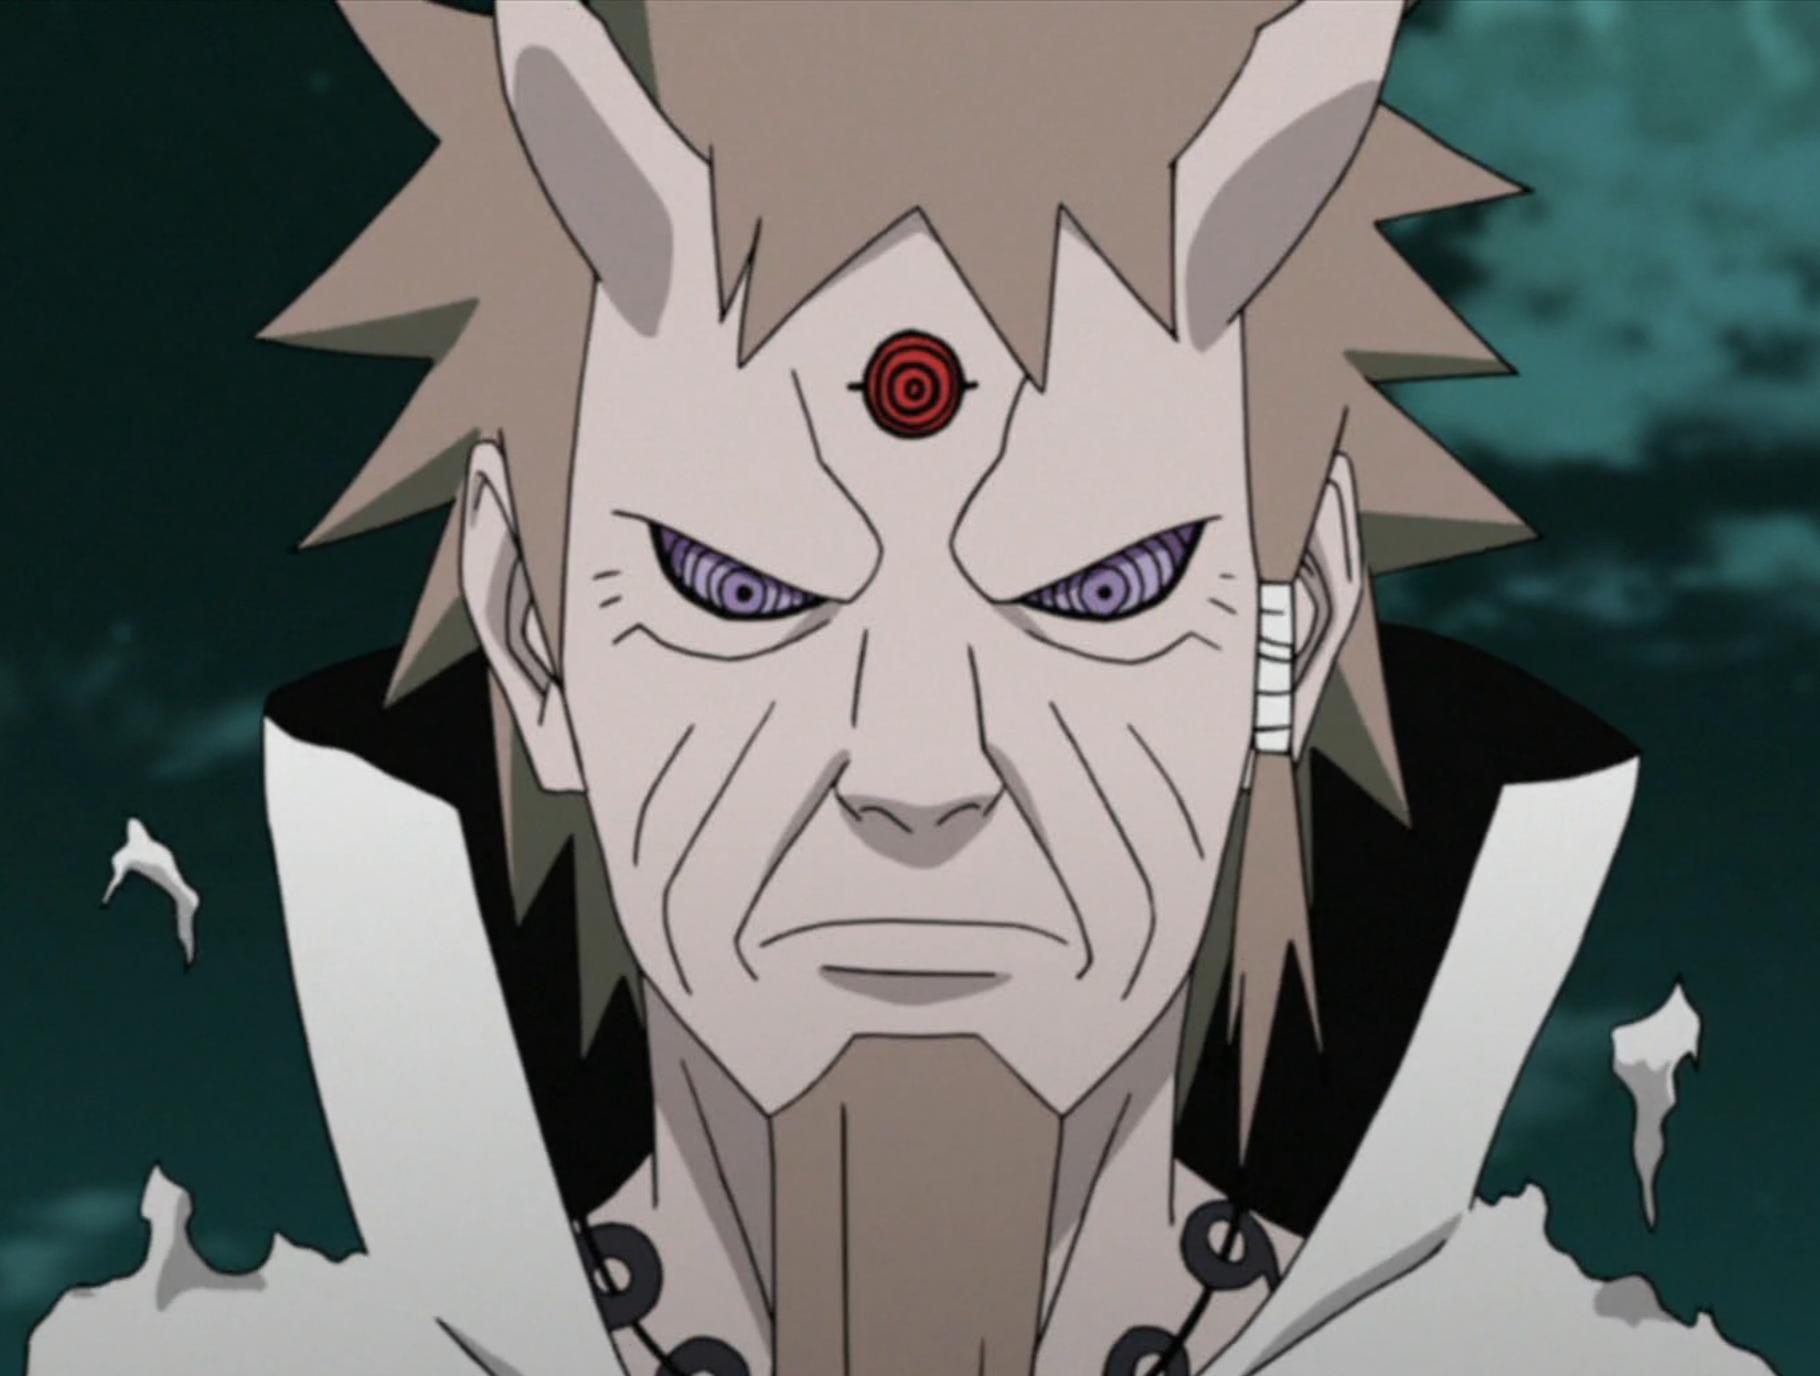 85 Gambar Naruto Rikudou Sennin Kyuubi Rinnegan Paling Keren